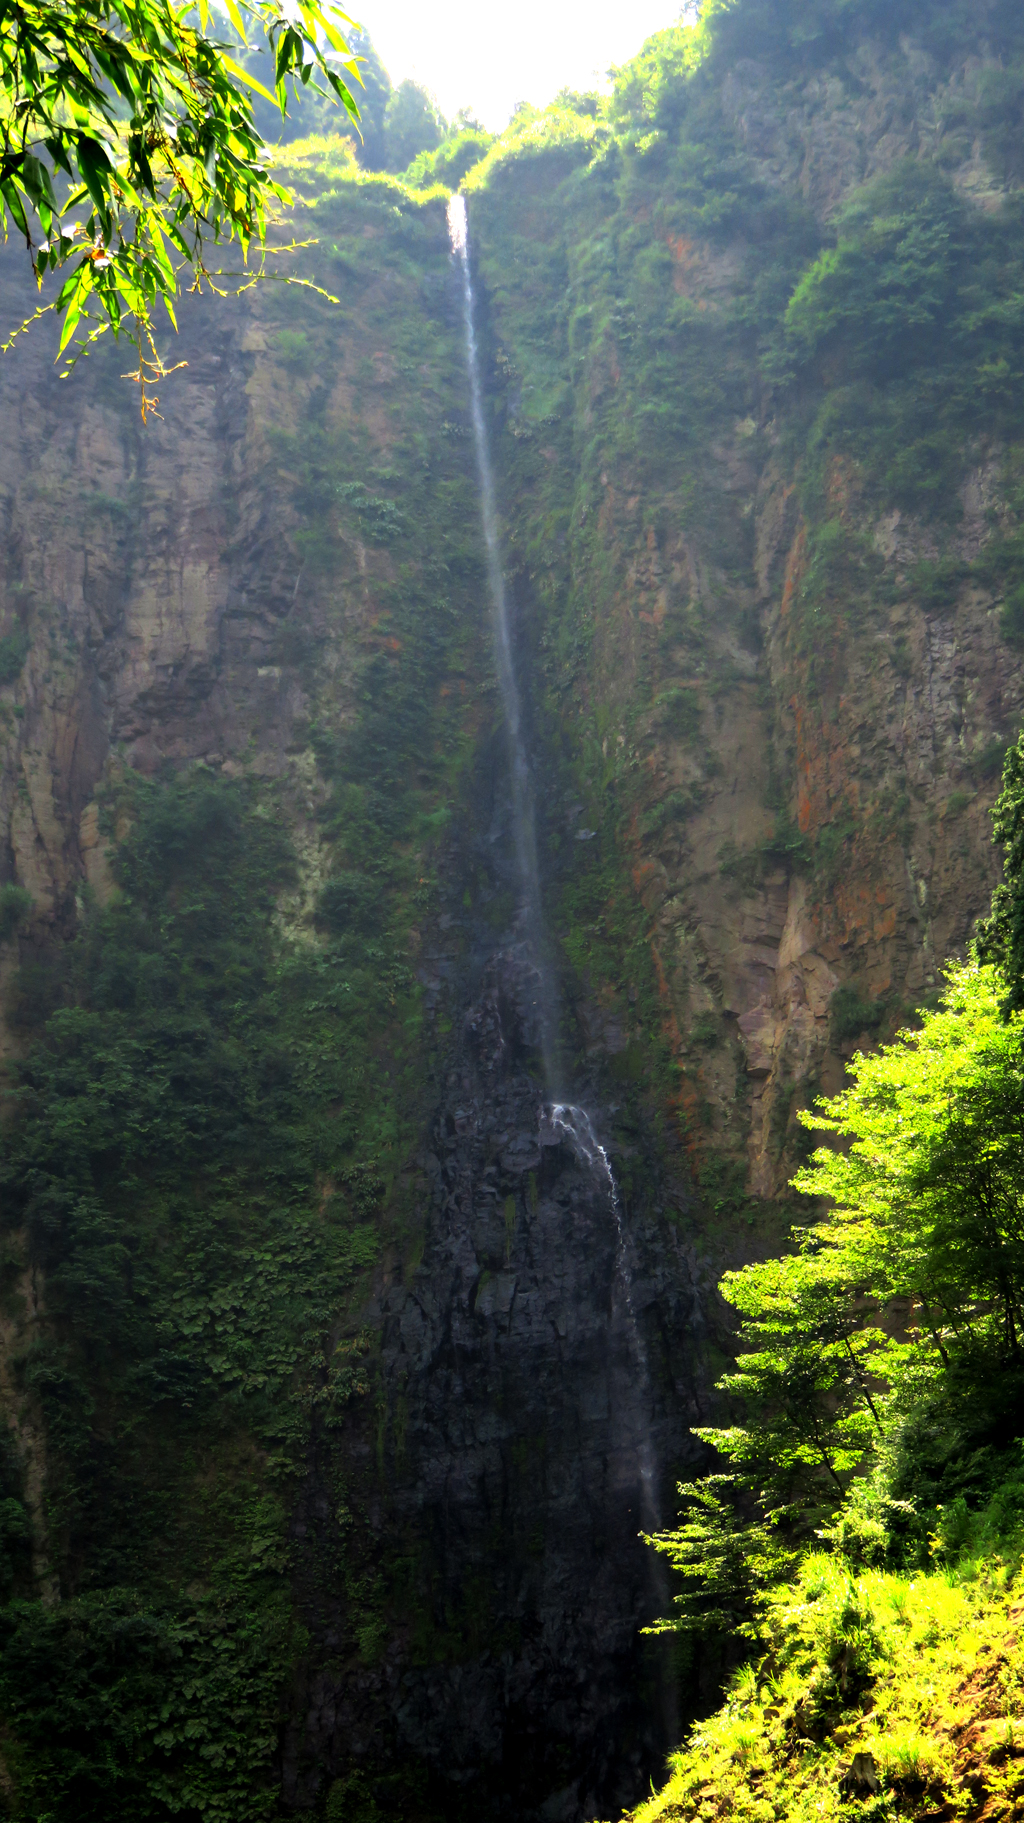 阿蘇くじゅう国立公園阿蘇ジオパークジオサイト「古閑の滝」